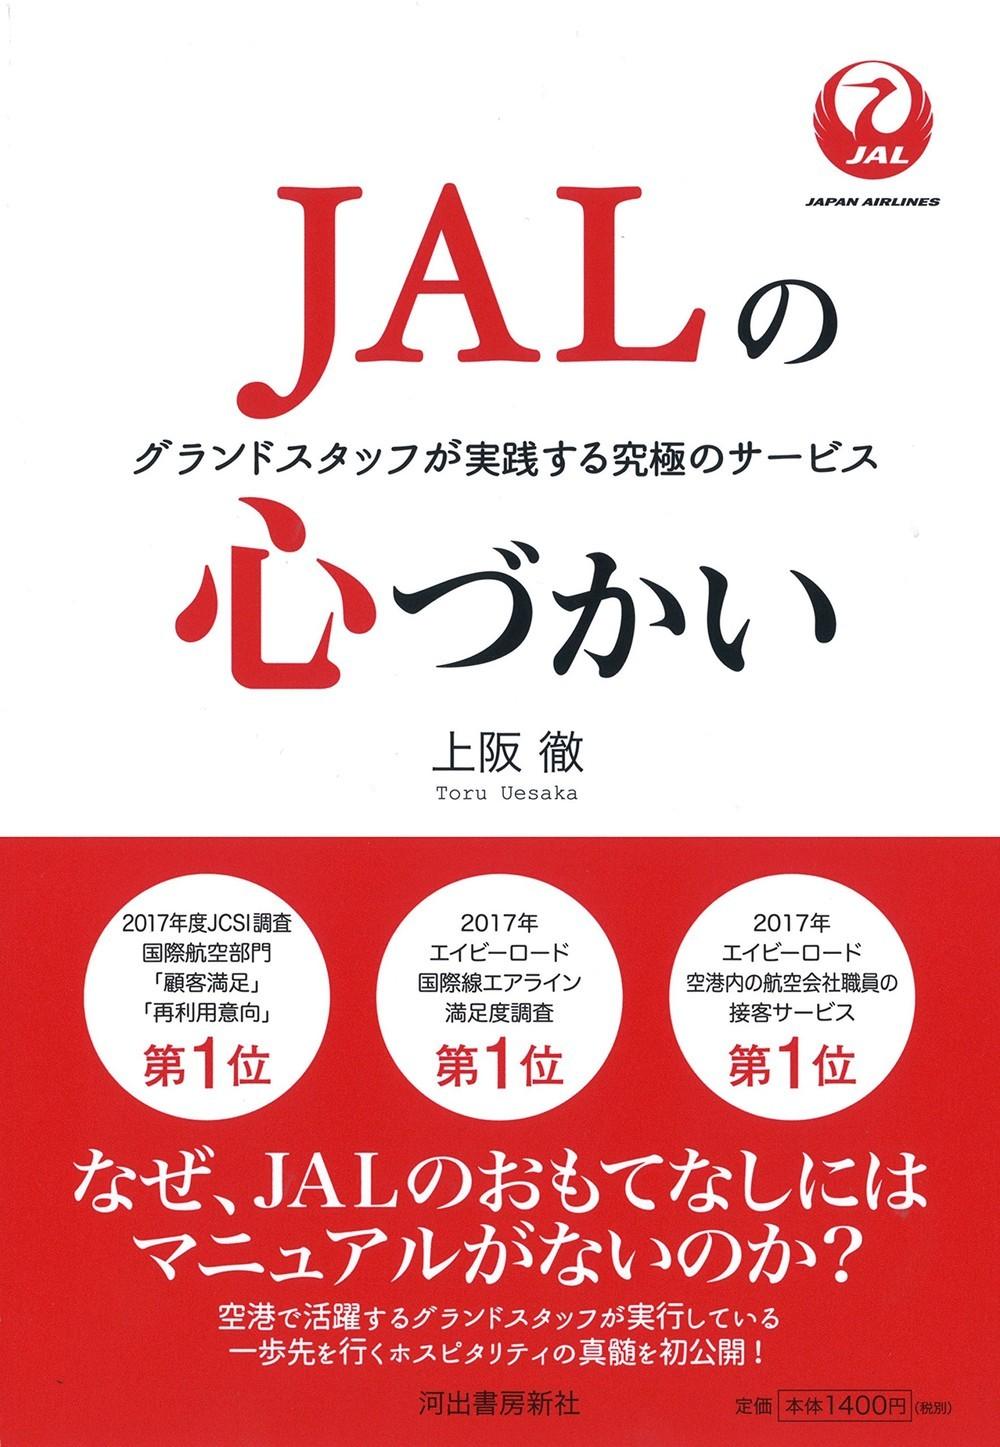 経営破綻から復活した日本航空 すべては社員の意識改革から始まった